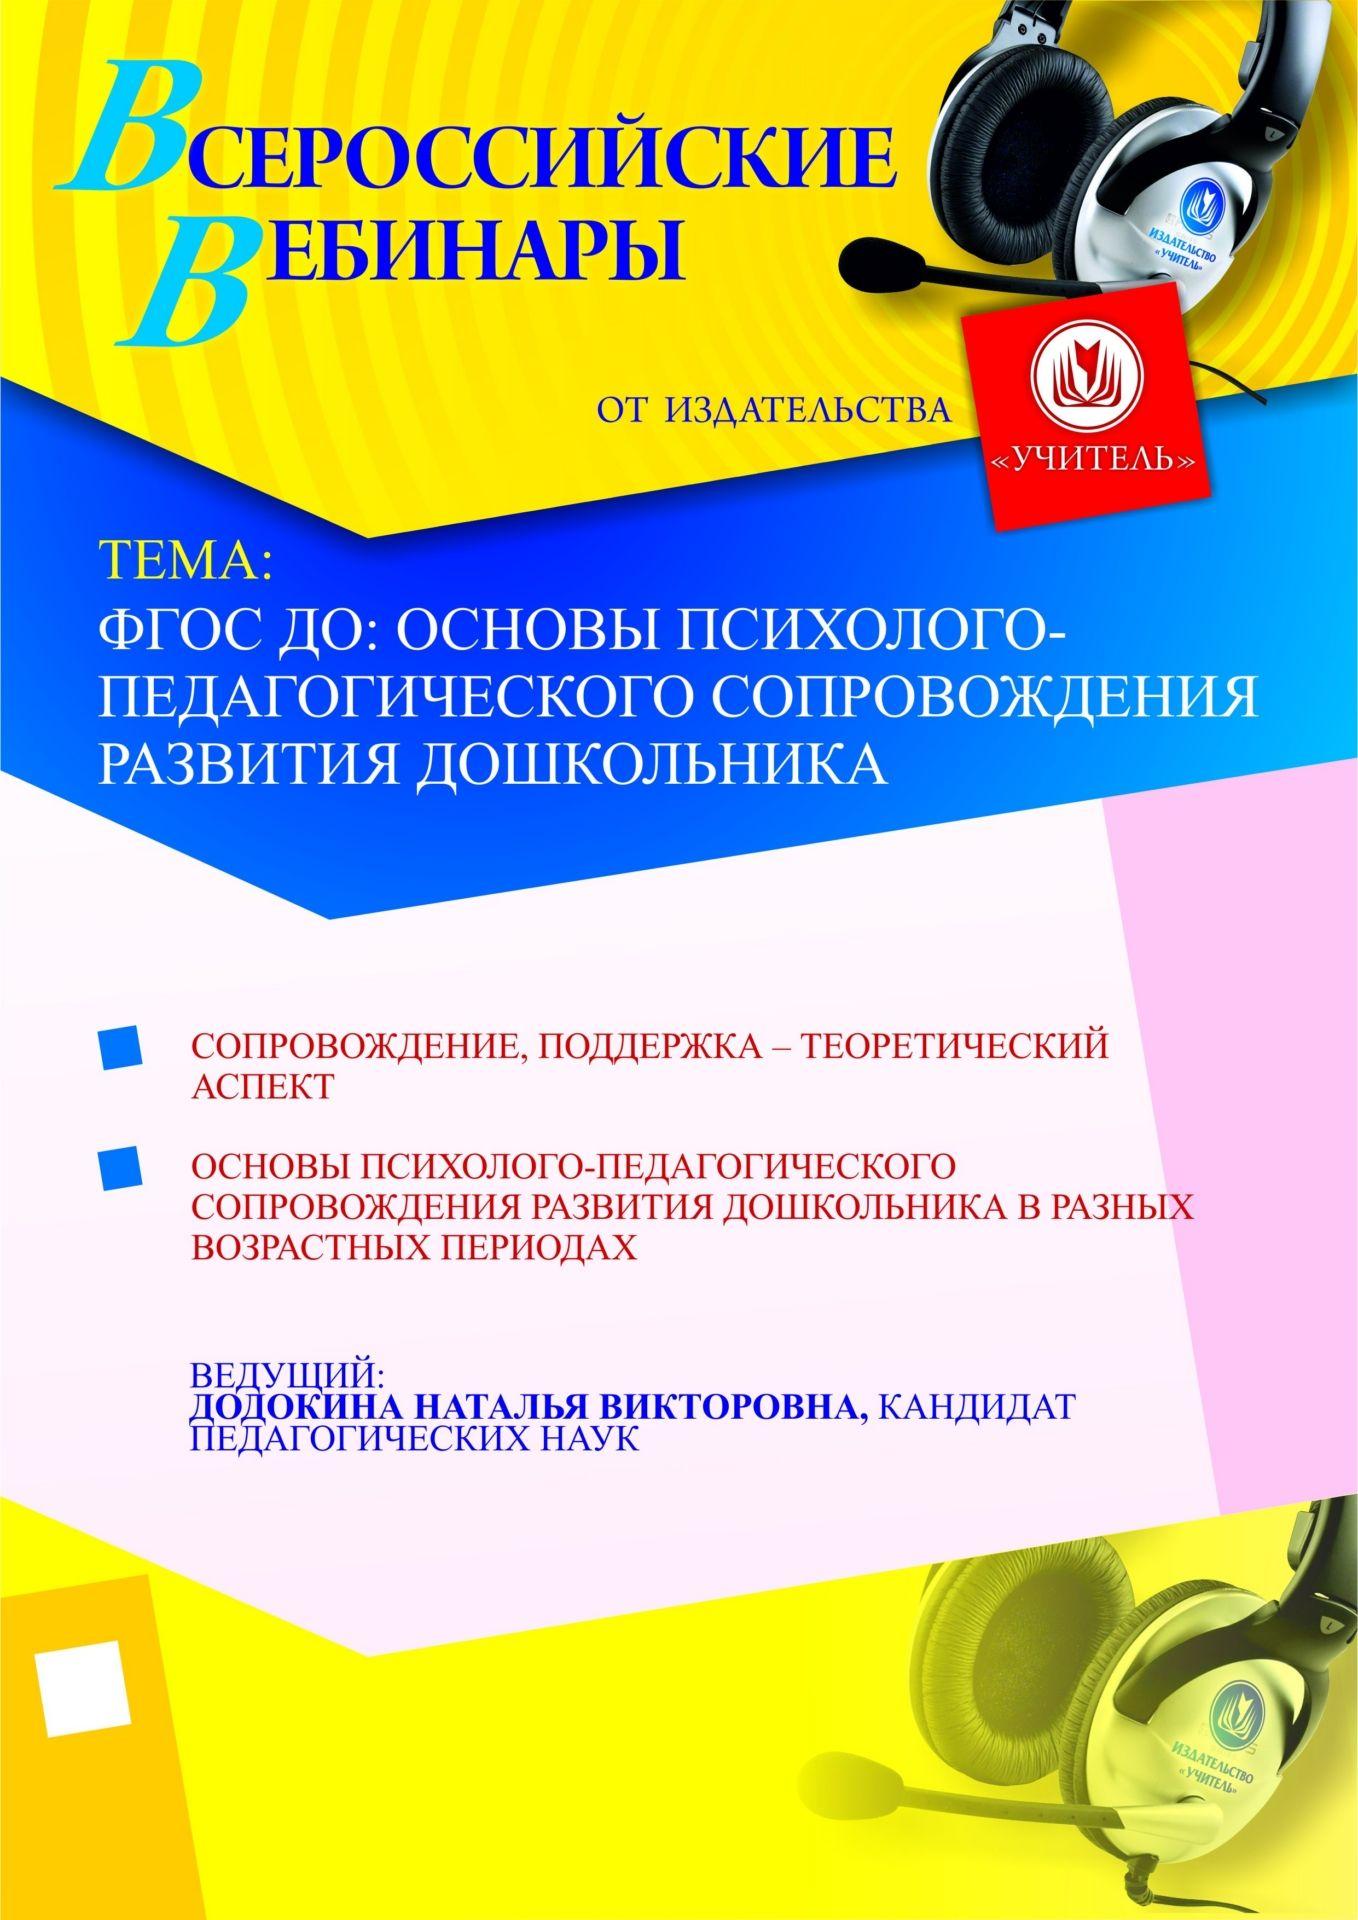 ФГОС ДО: основы психолого-педагогического сопровождения развития дошкольника фото